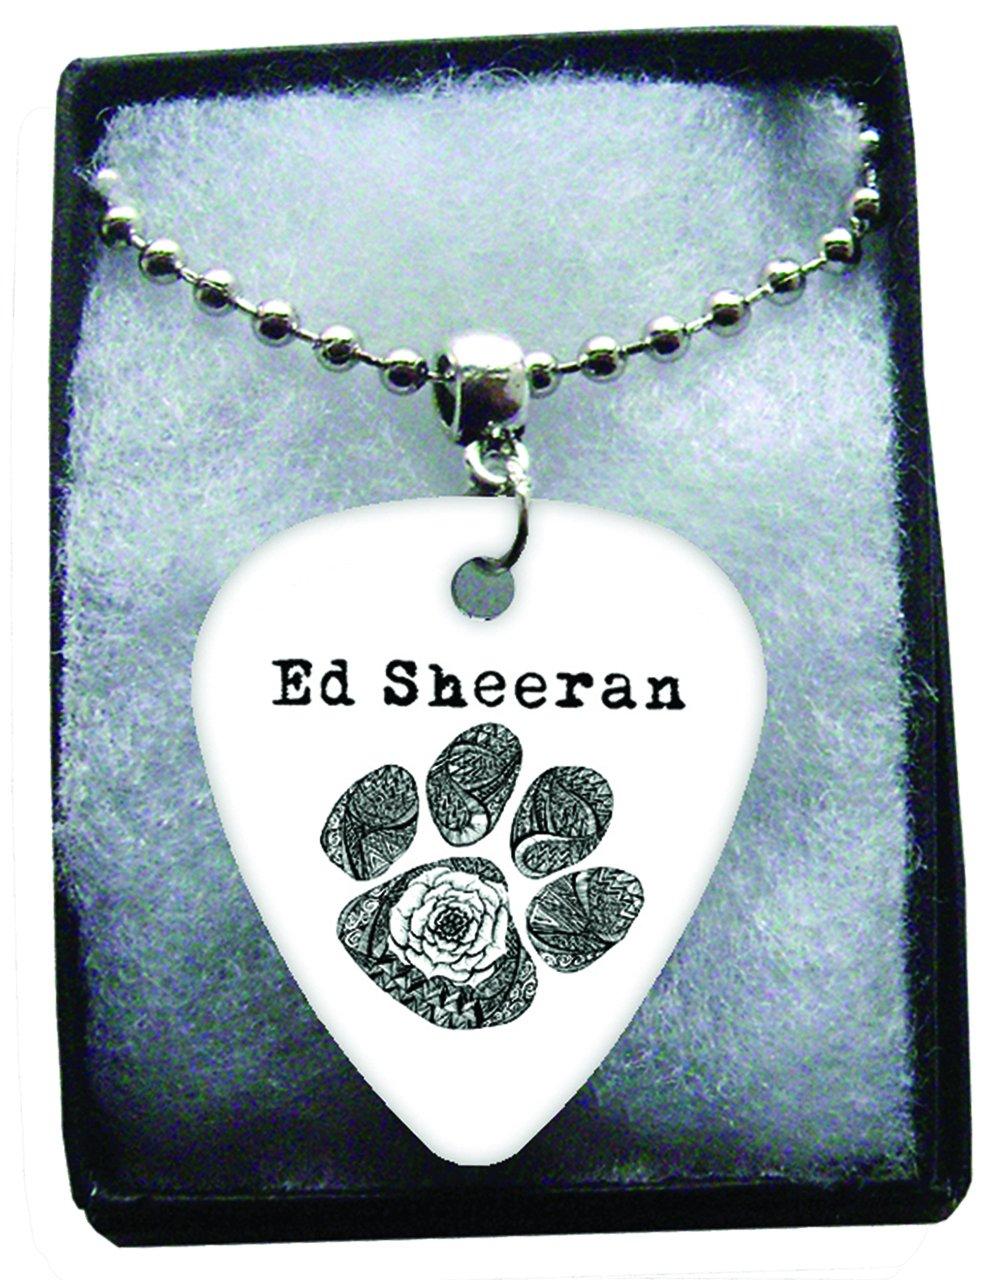 Ed Sheeran negro huellas de metal collar de púa de guitarra cadena ...